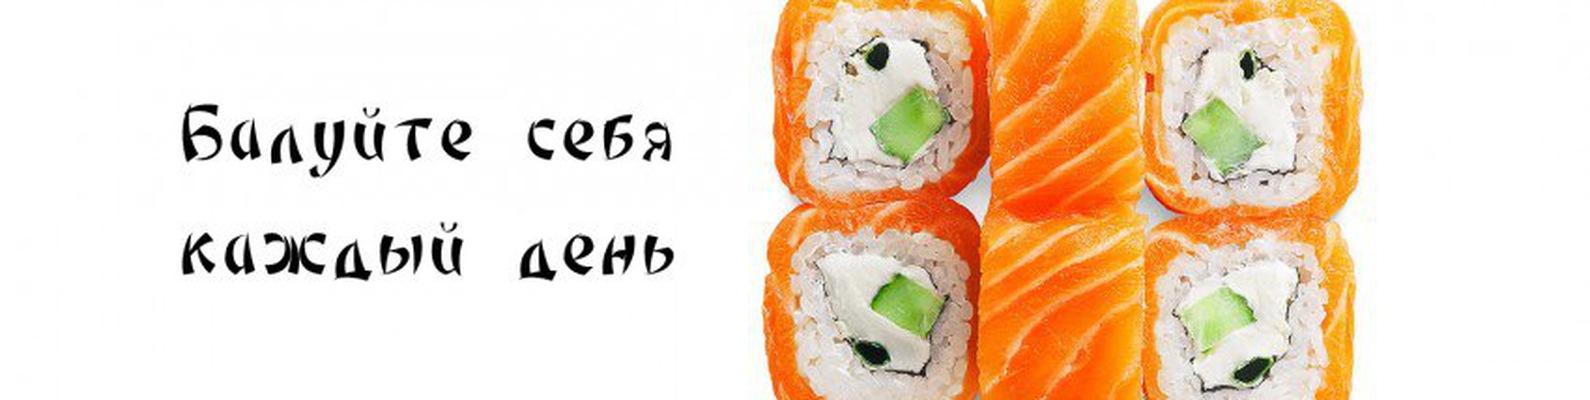 Картинки суши роллы с надписями